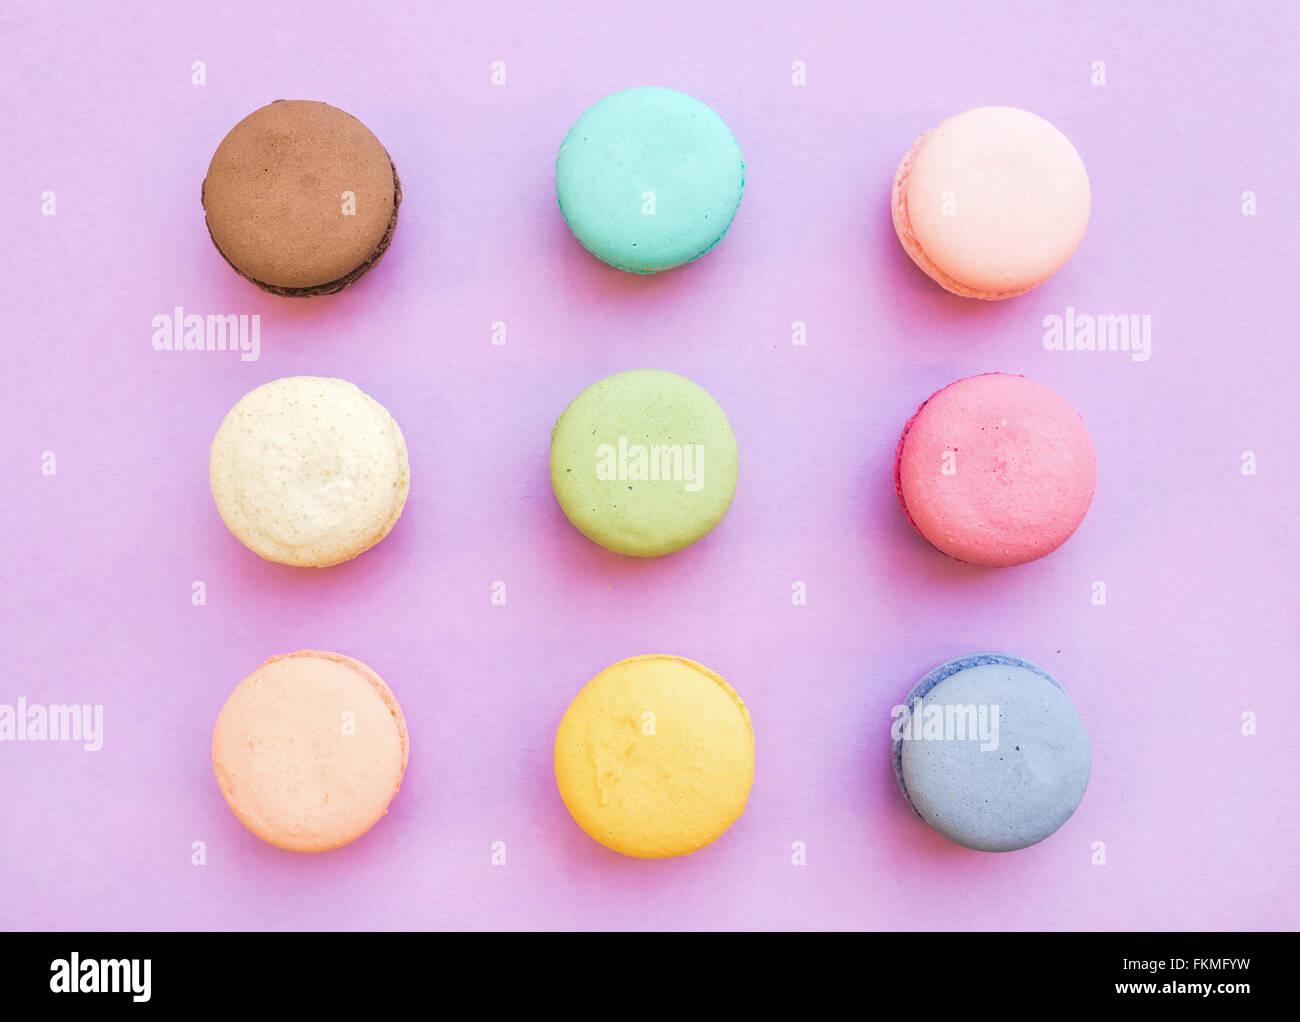 Biscuits macaron français colorés sucré sur fond rose pastel, vue du dessus Photo Stock